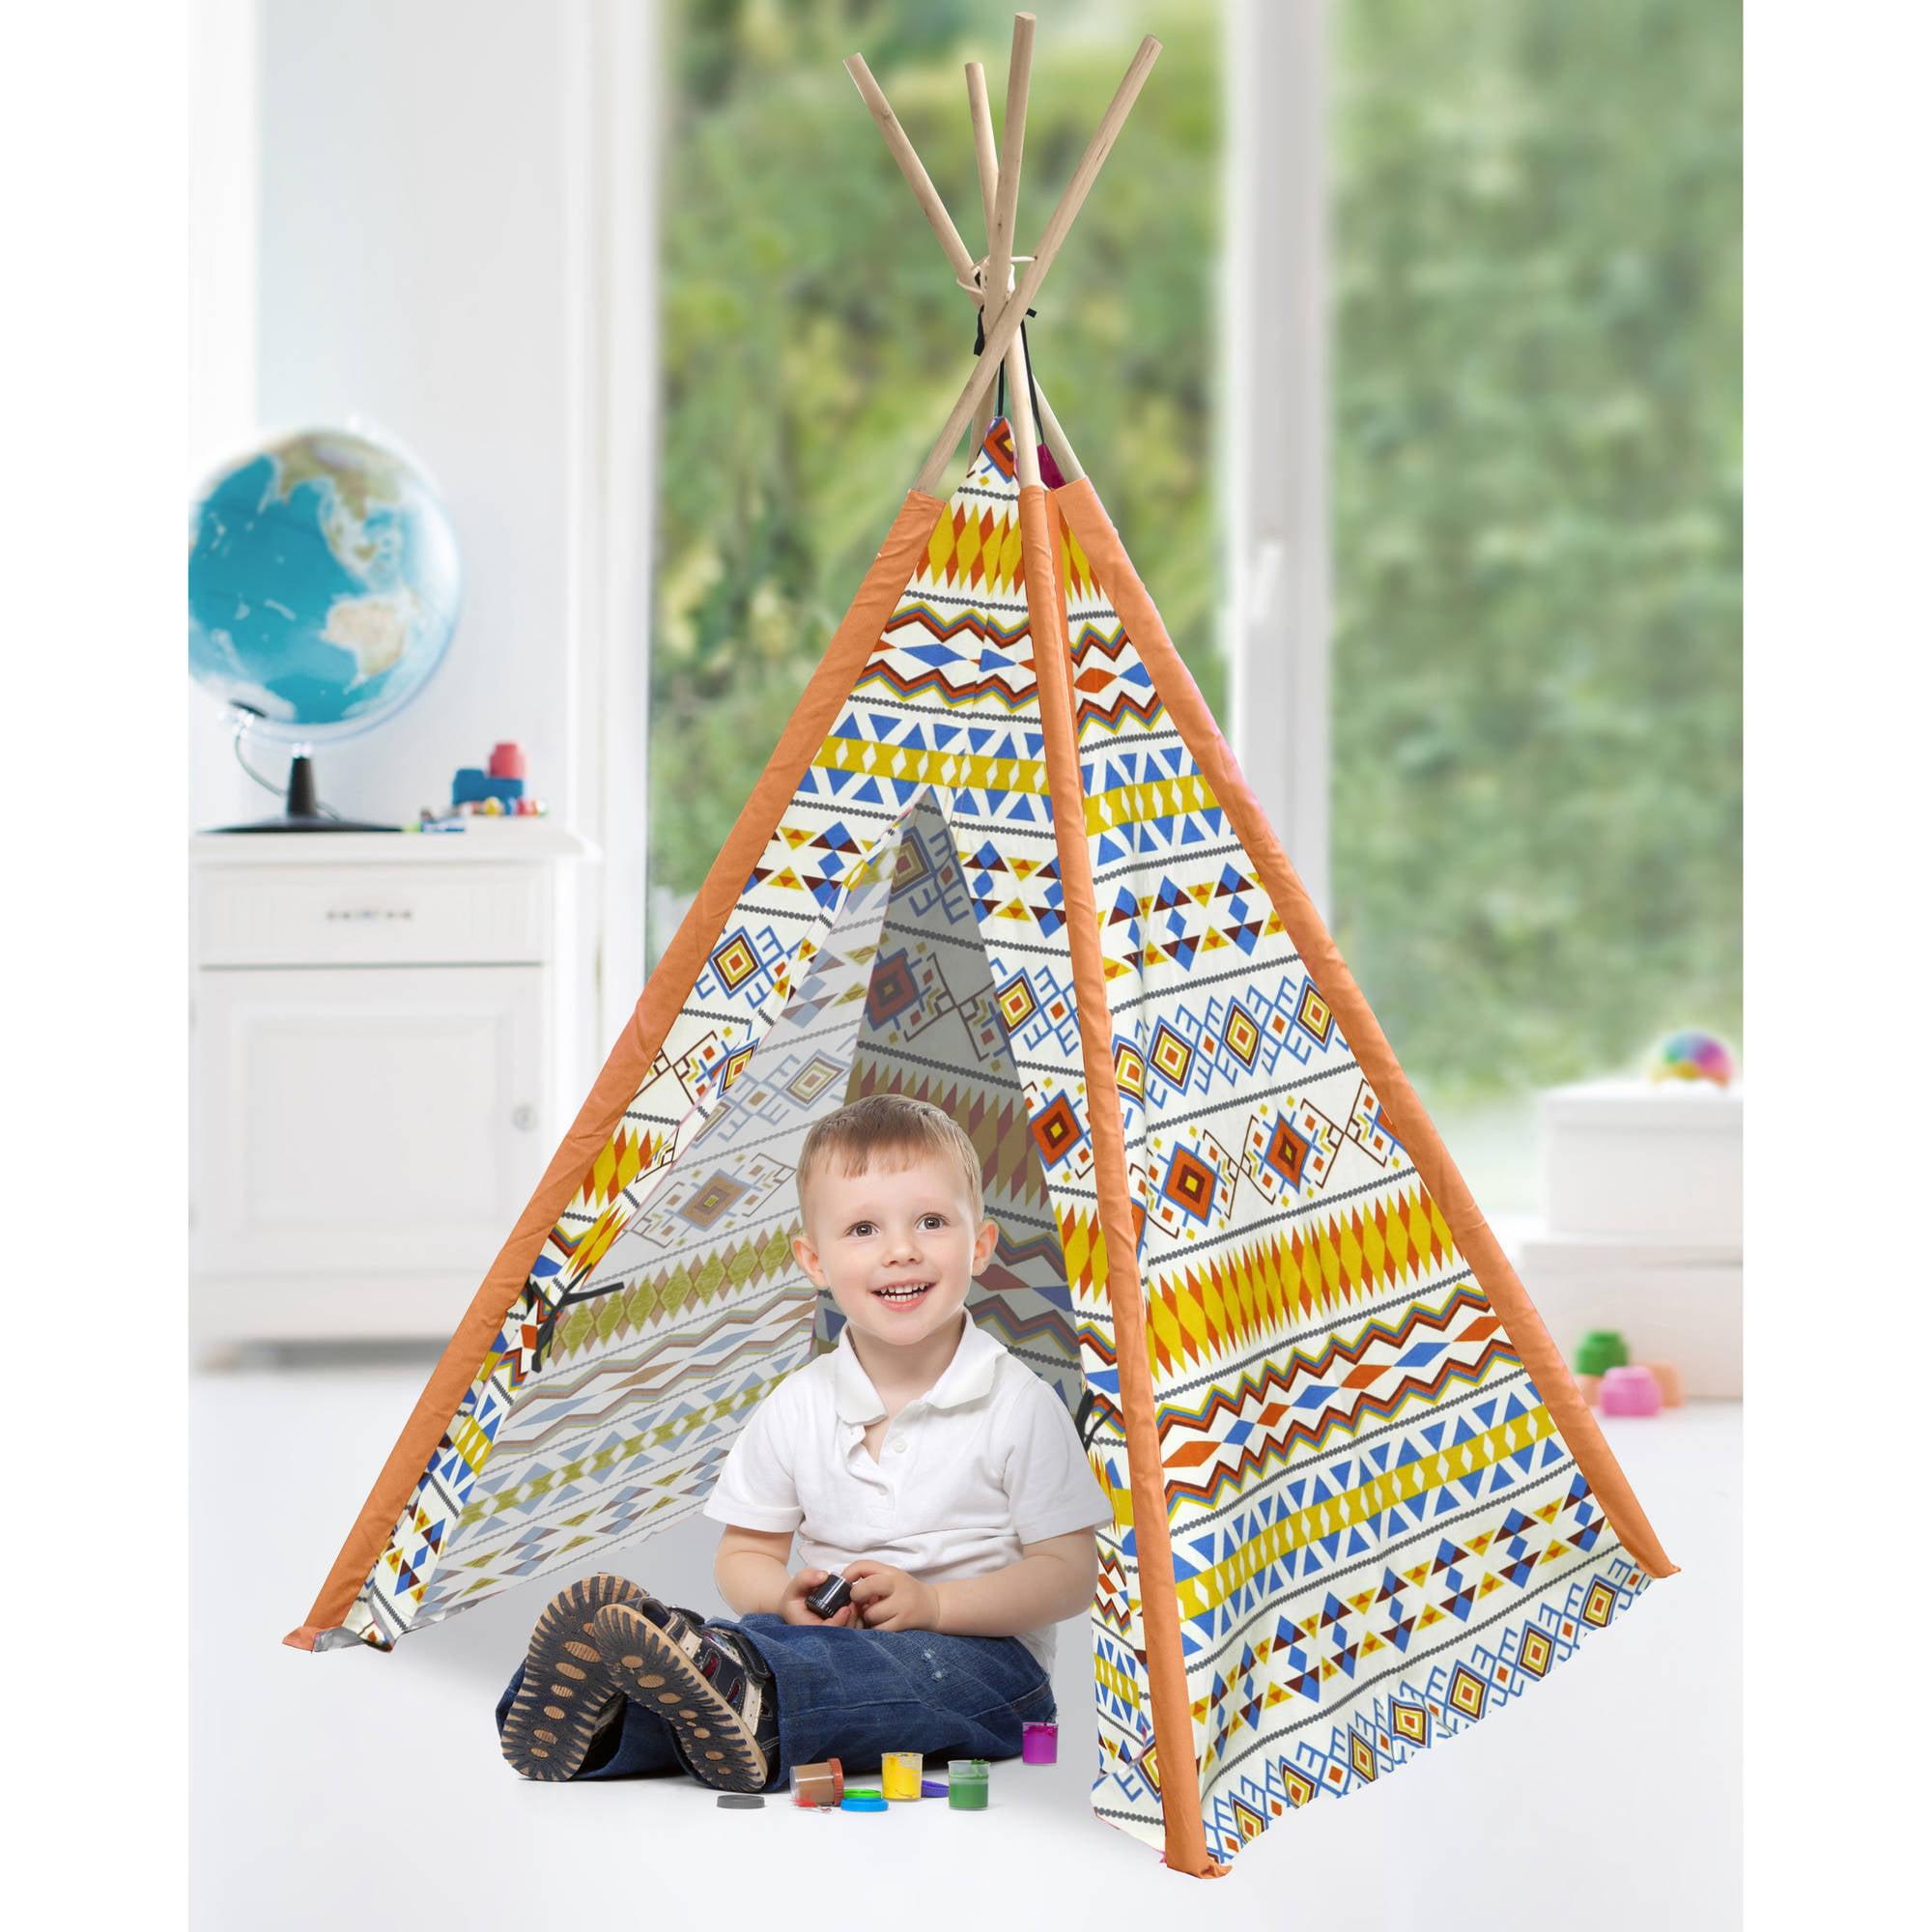 American Kids Tee-Pee Play Tent, Tribal Aztec